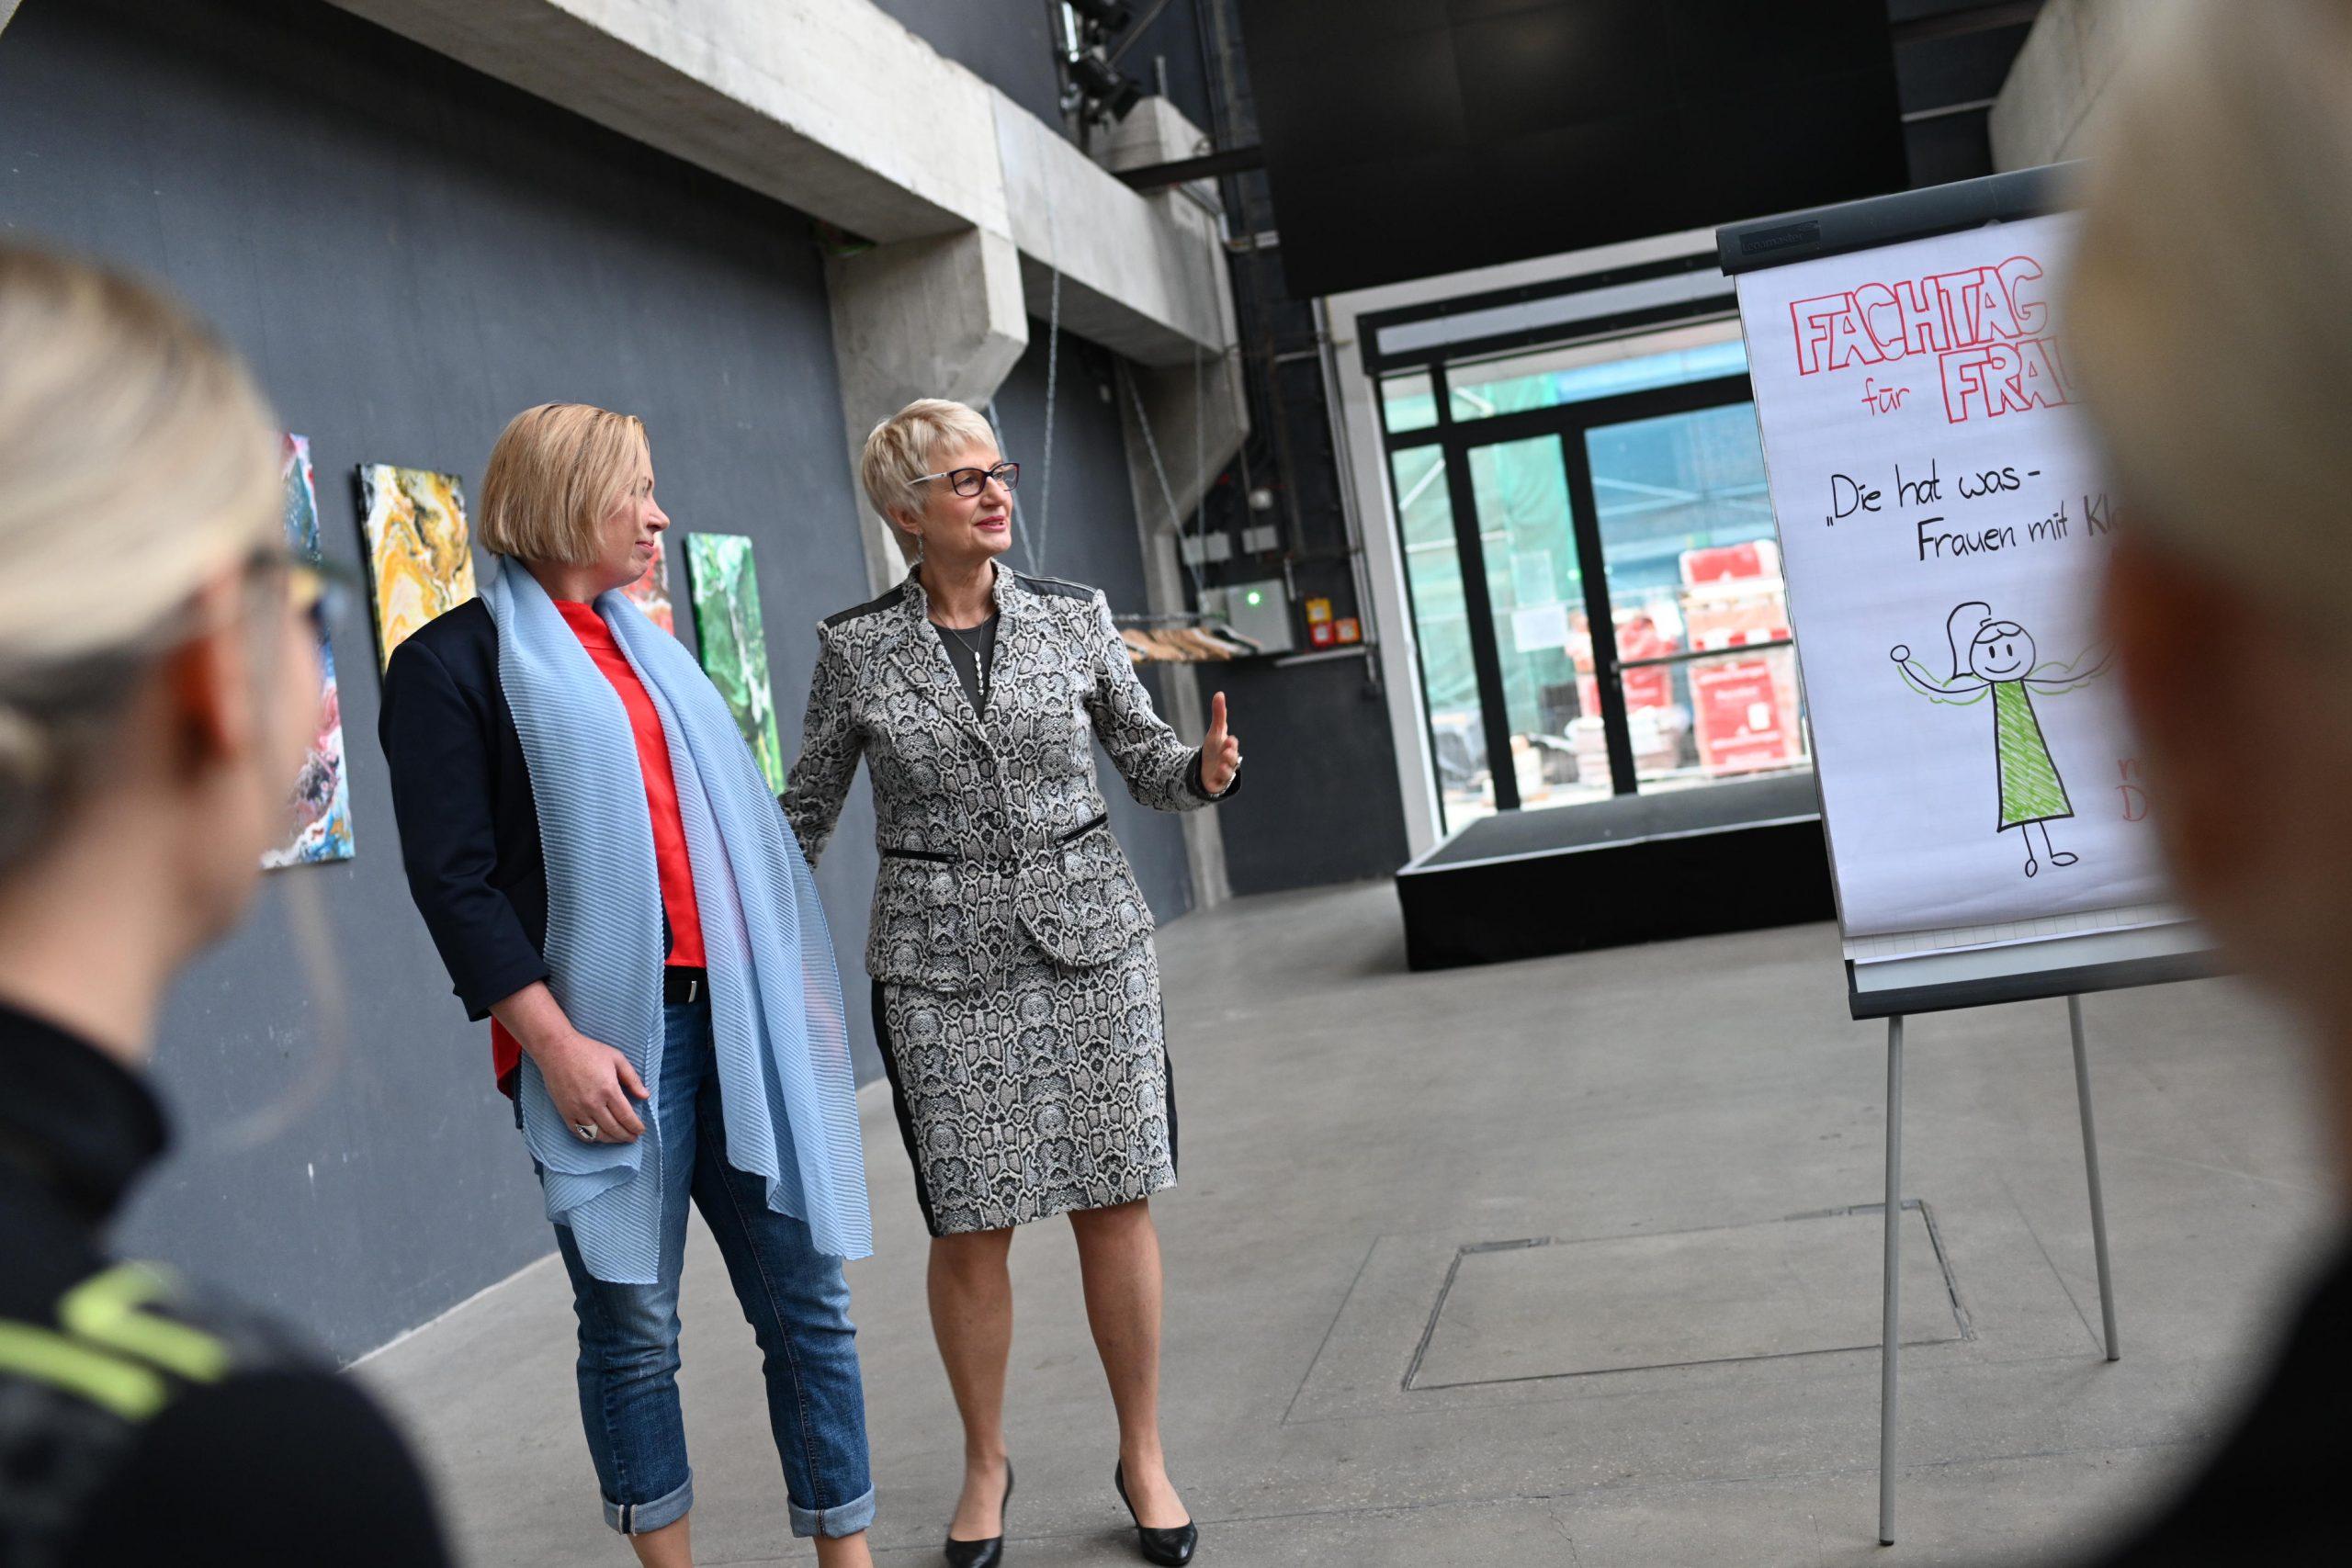 Ulla Nagel im Gespräch mit Führungskraft